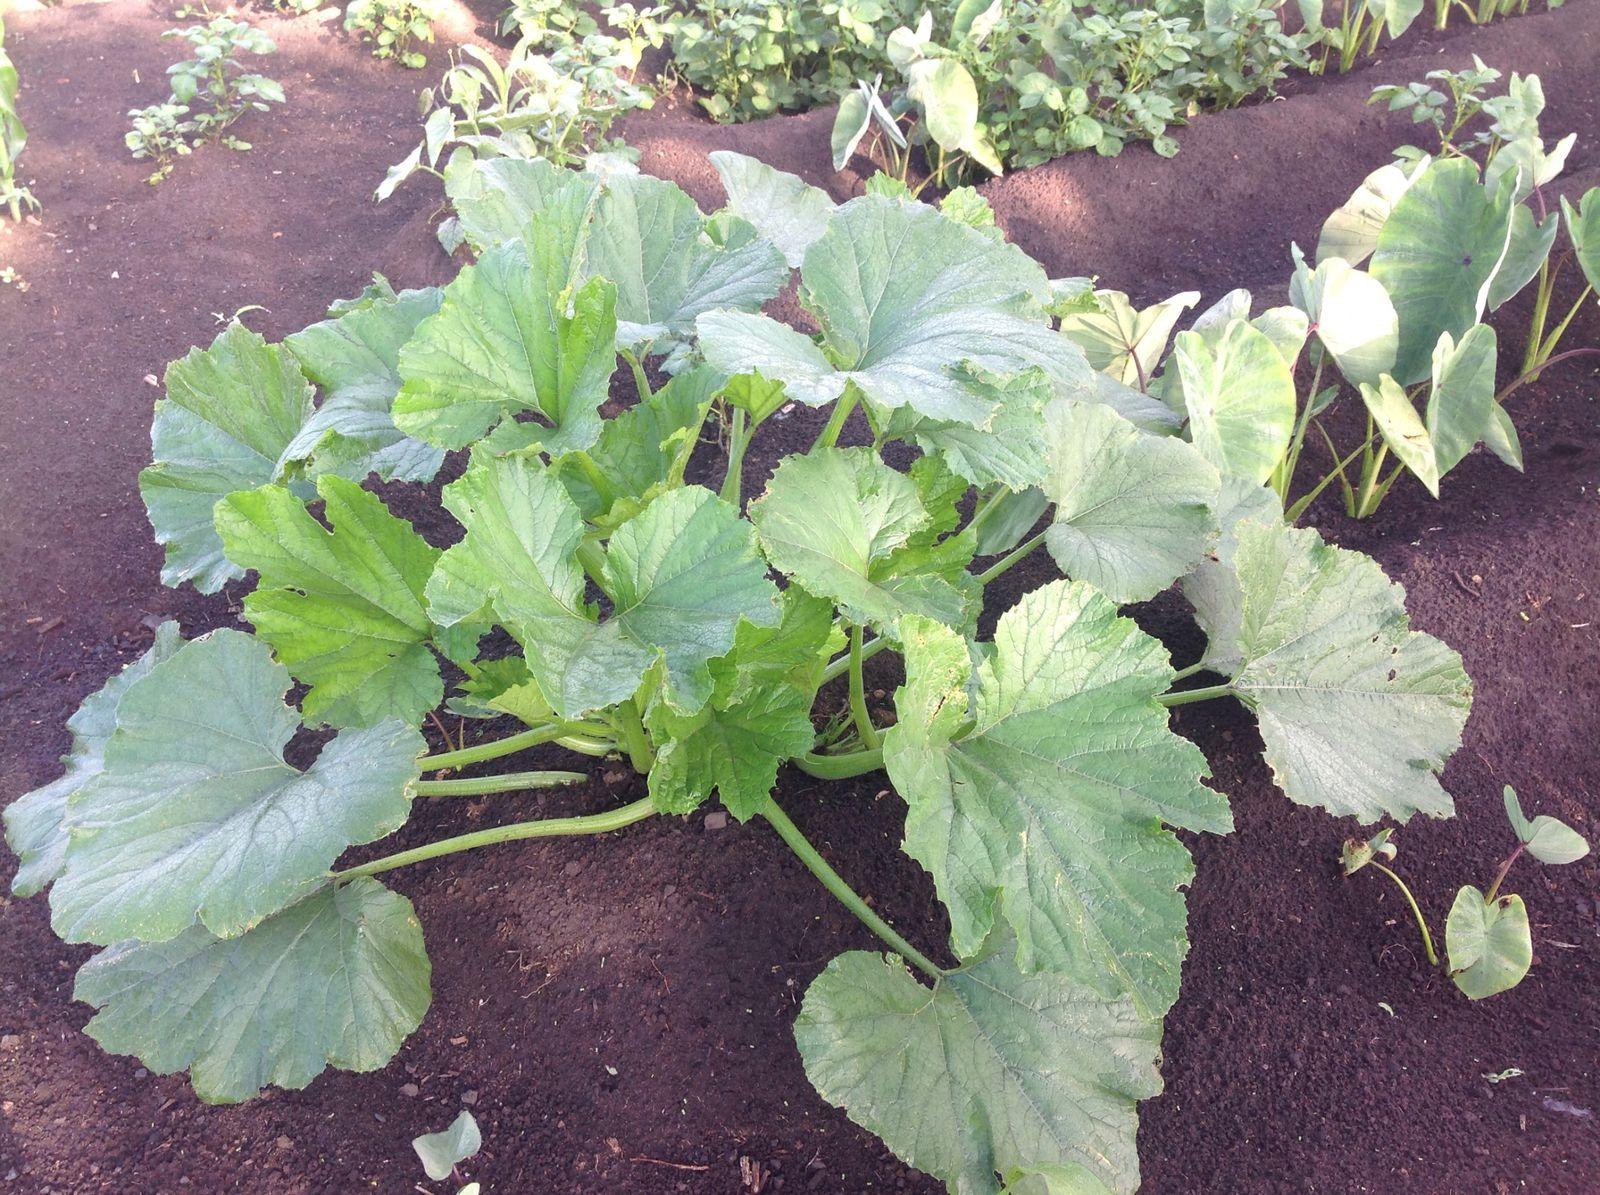 Les légumes bio c'est une source de vie et d santé.